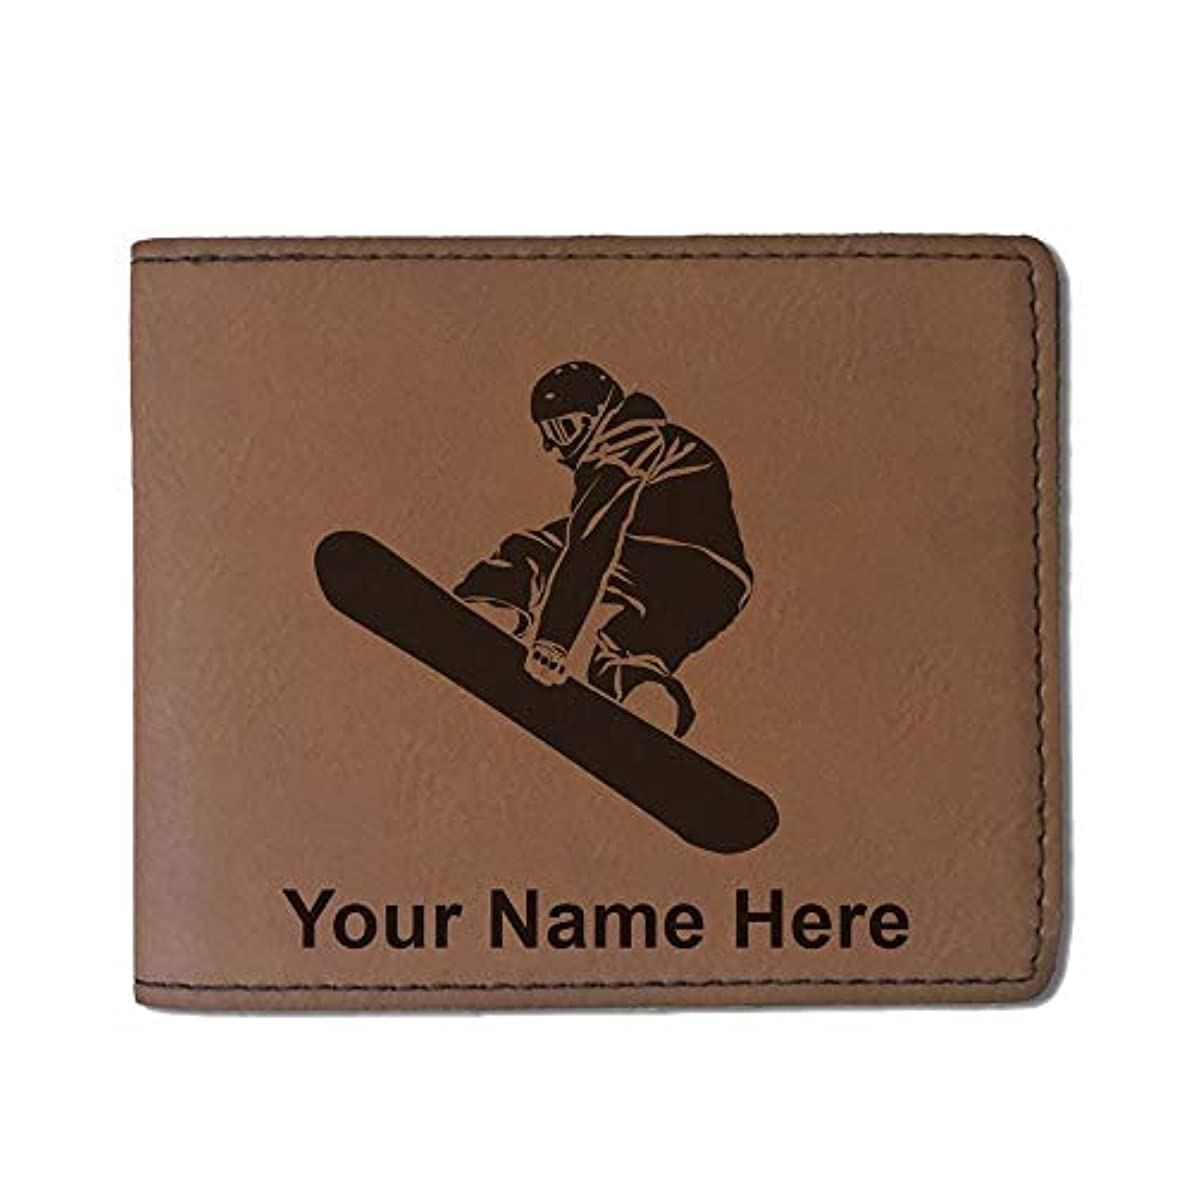 漏斗地雷原の慈悲でフェイクレザー財布 – Snowboarder Man – カスタマイズ彫刻Included (ダークブラウン)